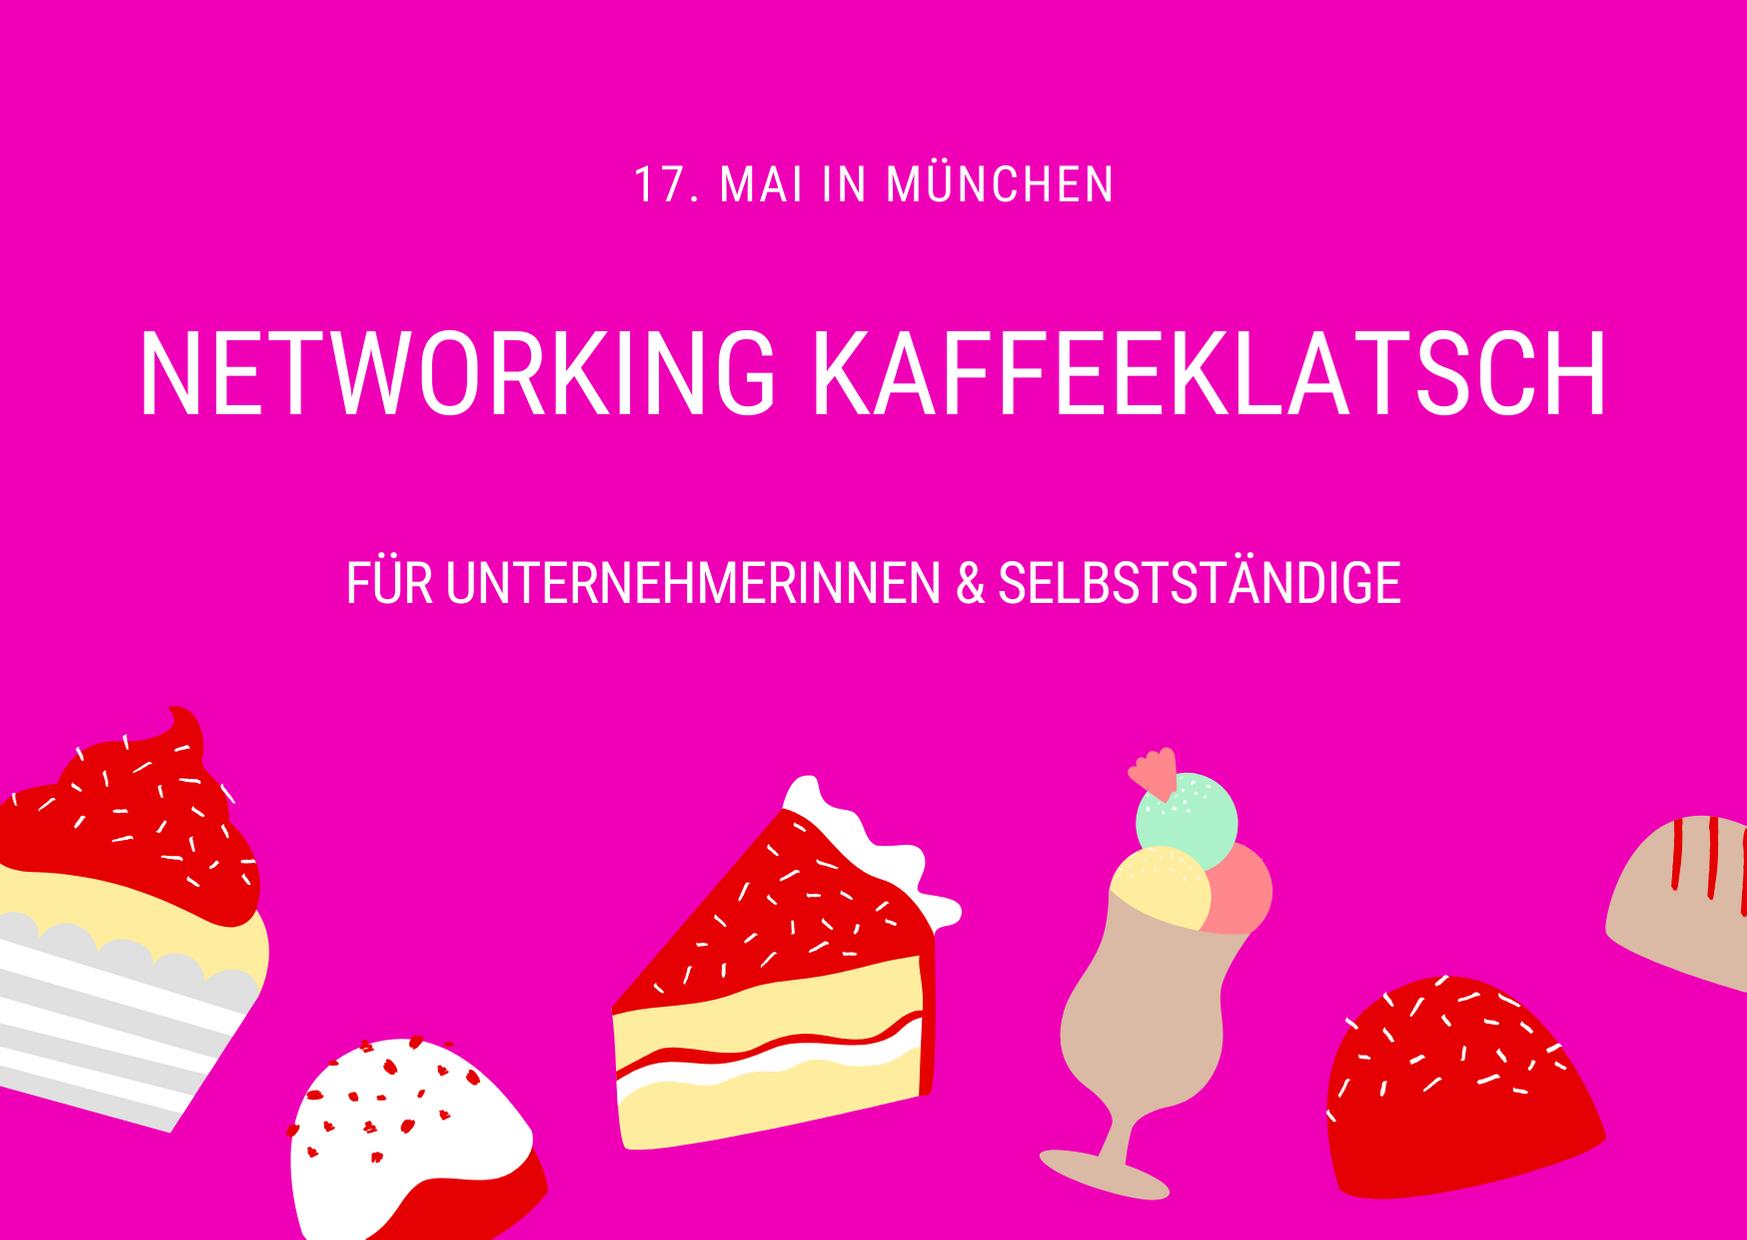 Networking Kaffeeklatsch in München